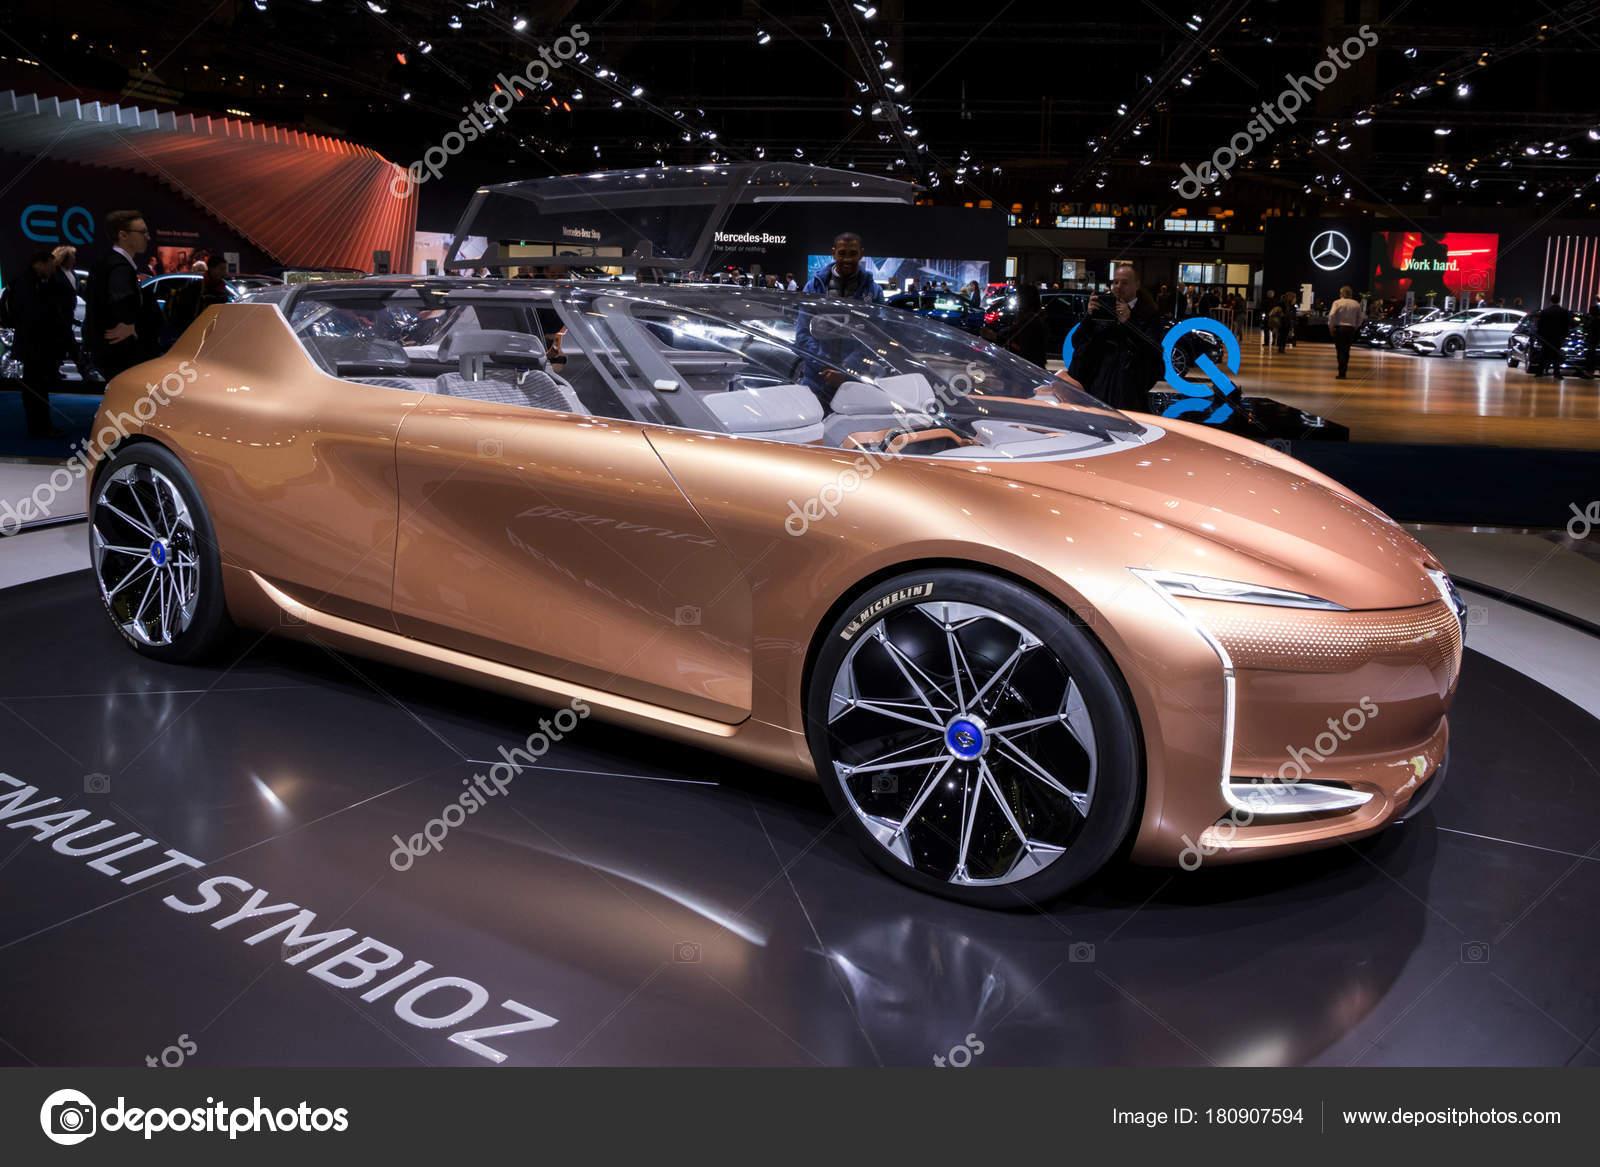 Brussels Jan 2018 Renault Symbioz Autonomous Electric Concept Car